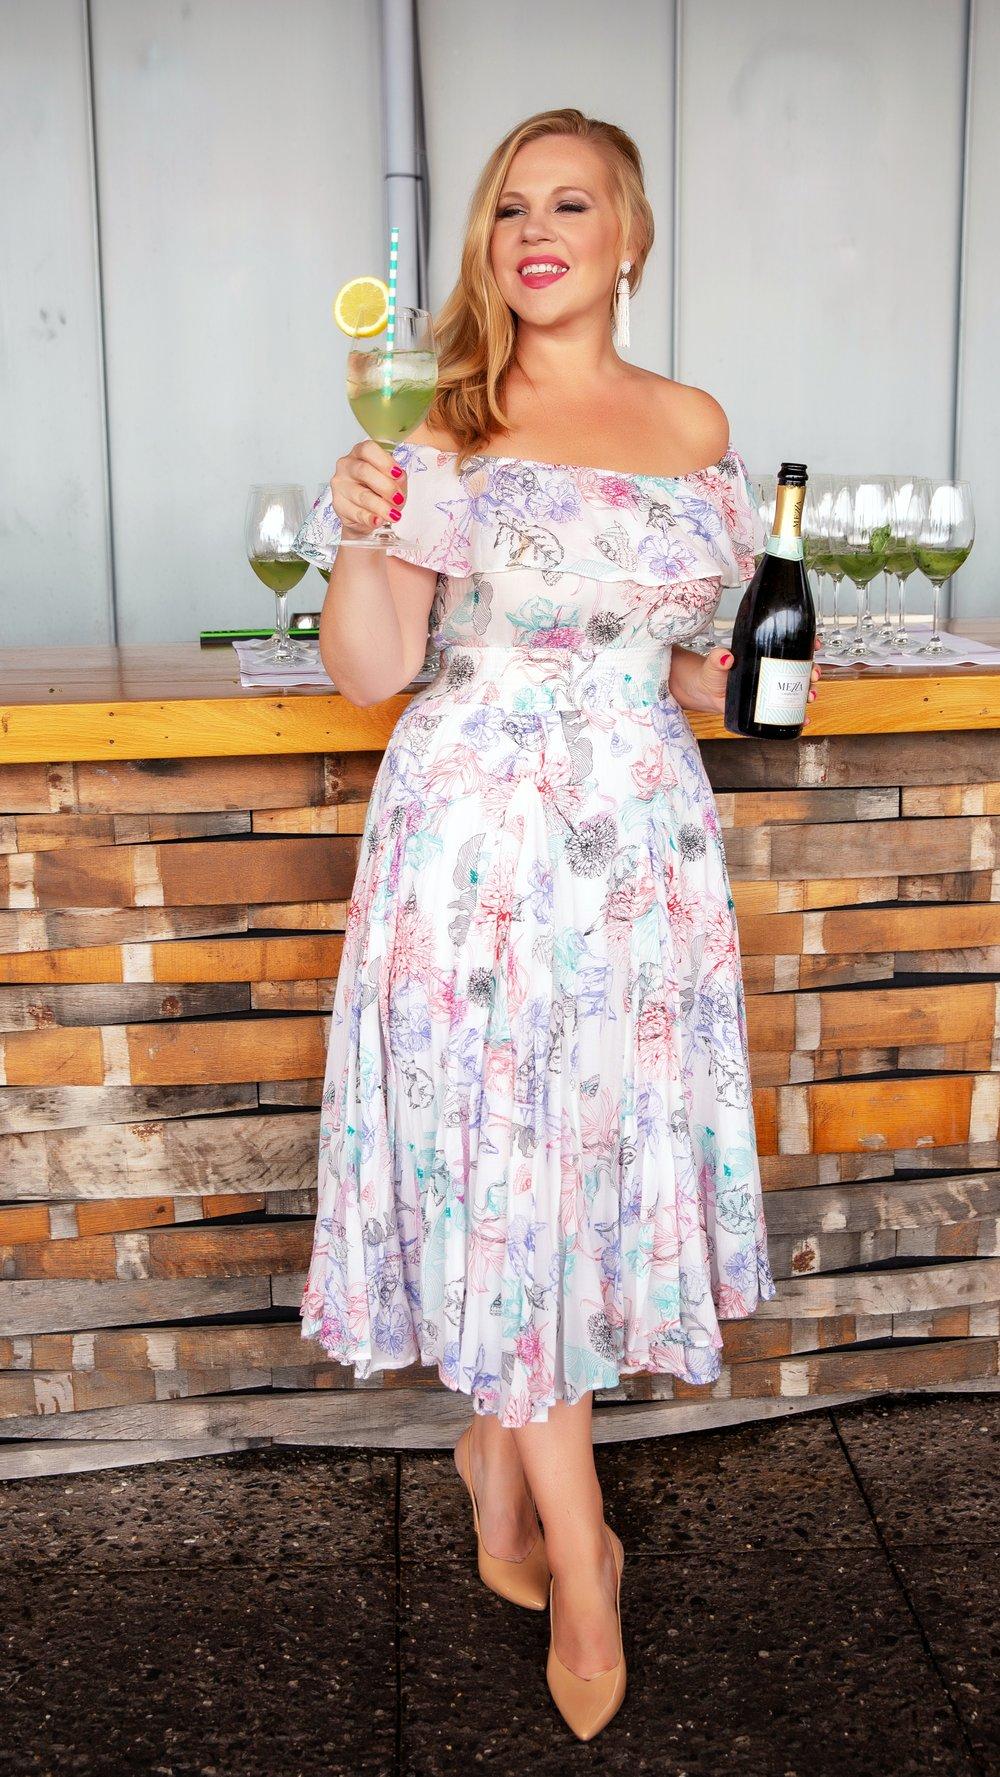 dress-italian.jpg